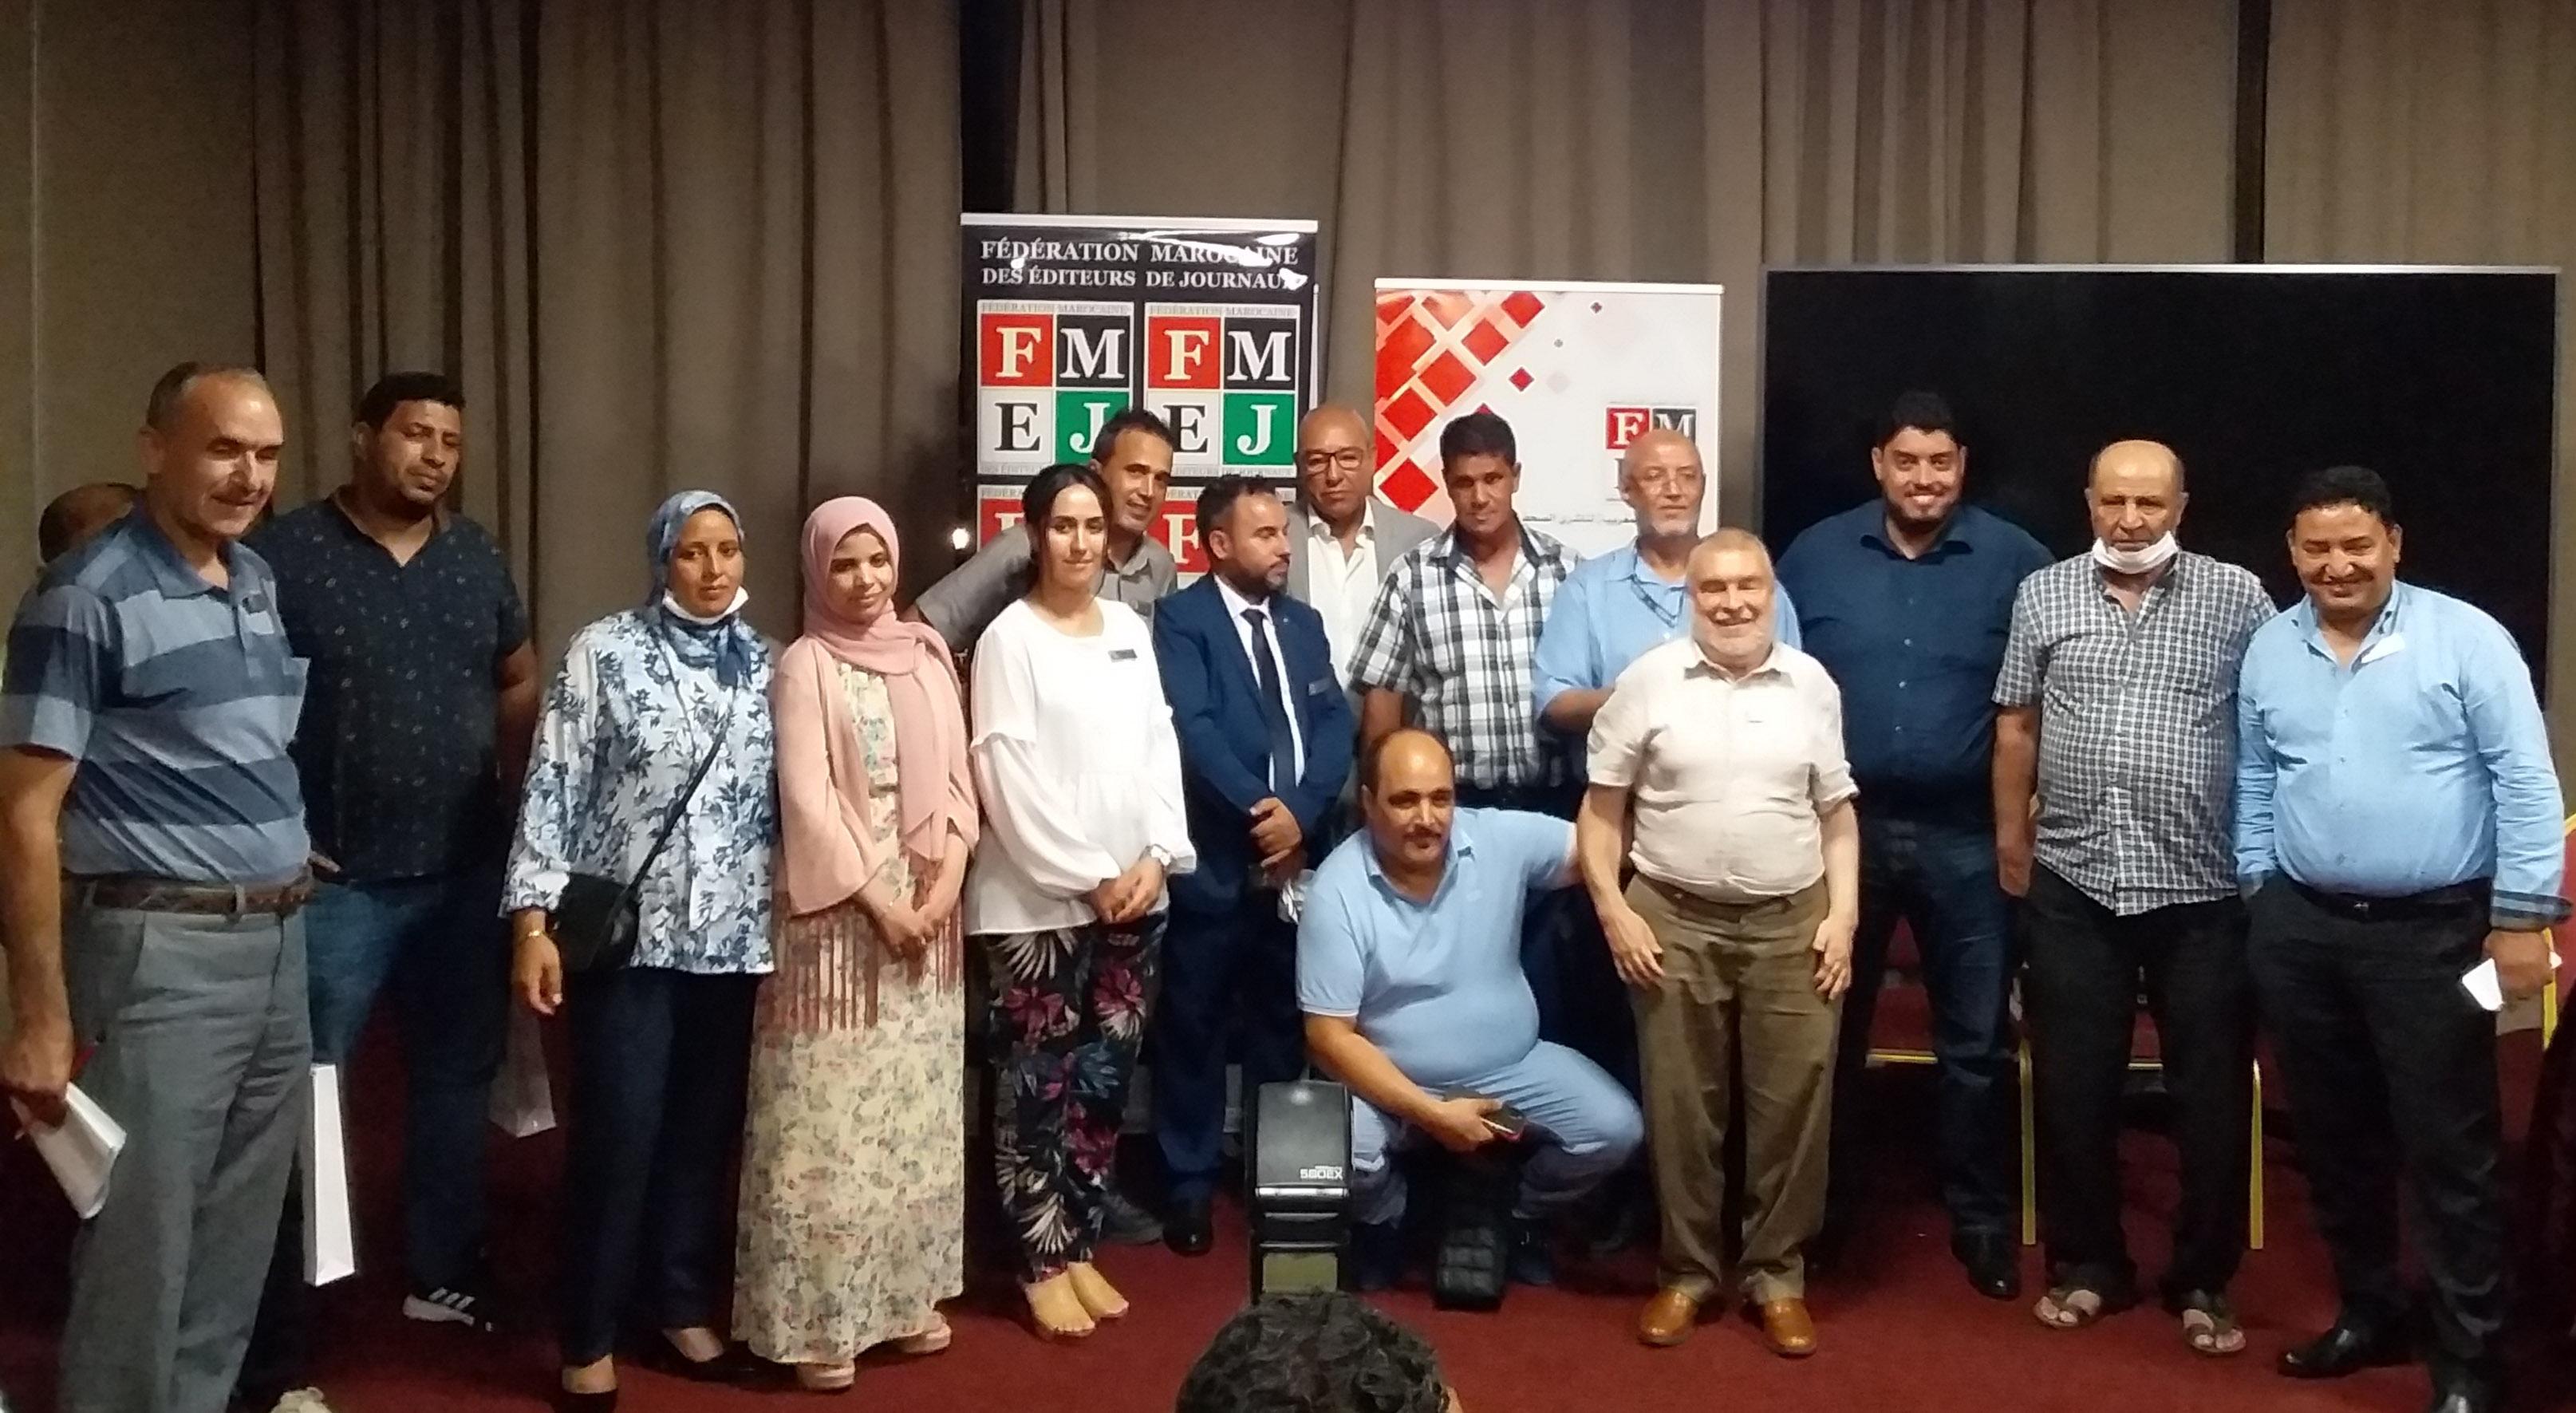 في الجمع العام التأسيسي لفرع الفيدرالية المغربية لناشري الصحف بجهة مراكش اسفي